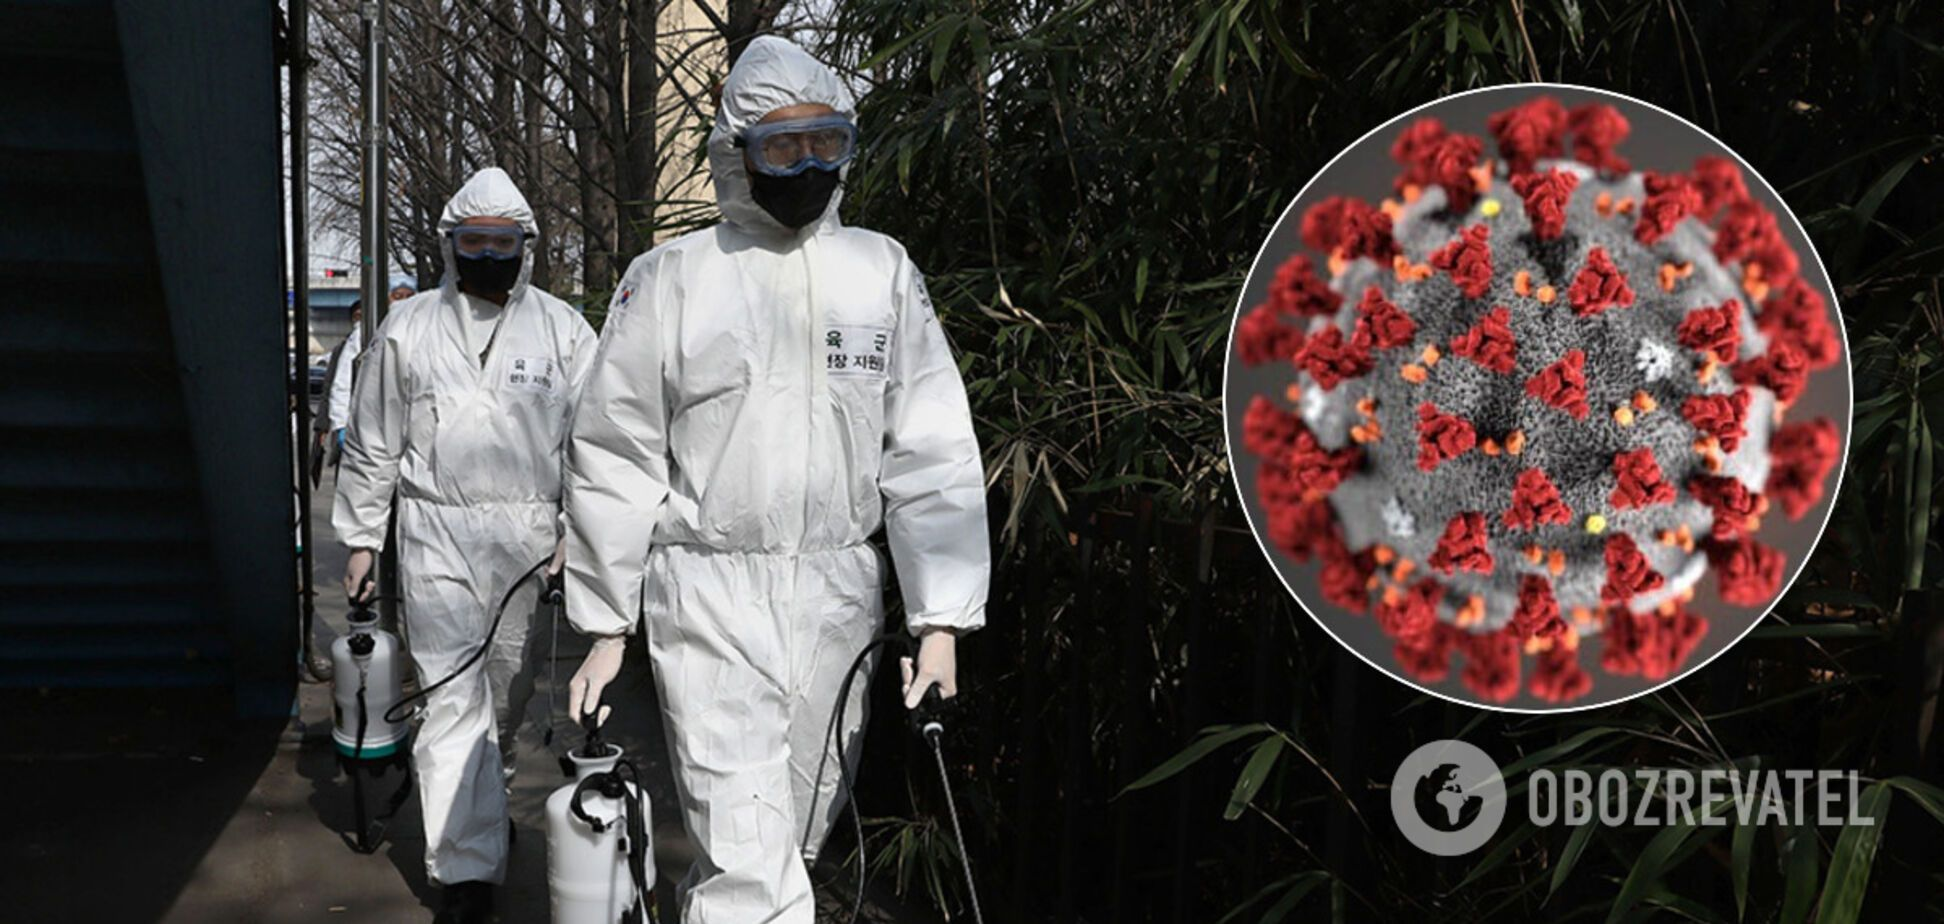 Вчені змінили дату закінчення пандемії коронавірусу в Україні та світі